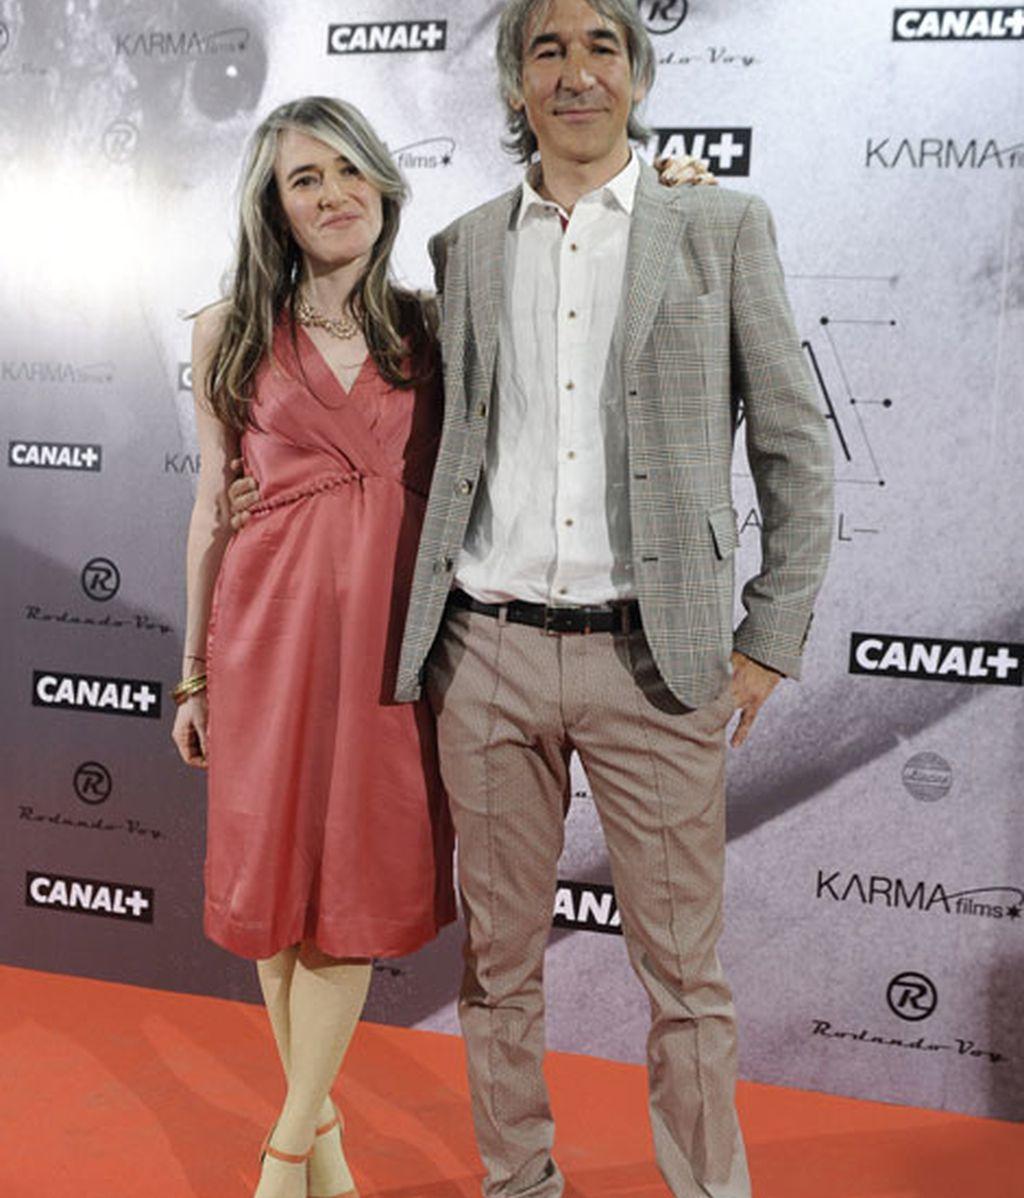 La directora, Paloma Concejero, y Jaime de la Puente, productor ejecutivo